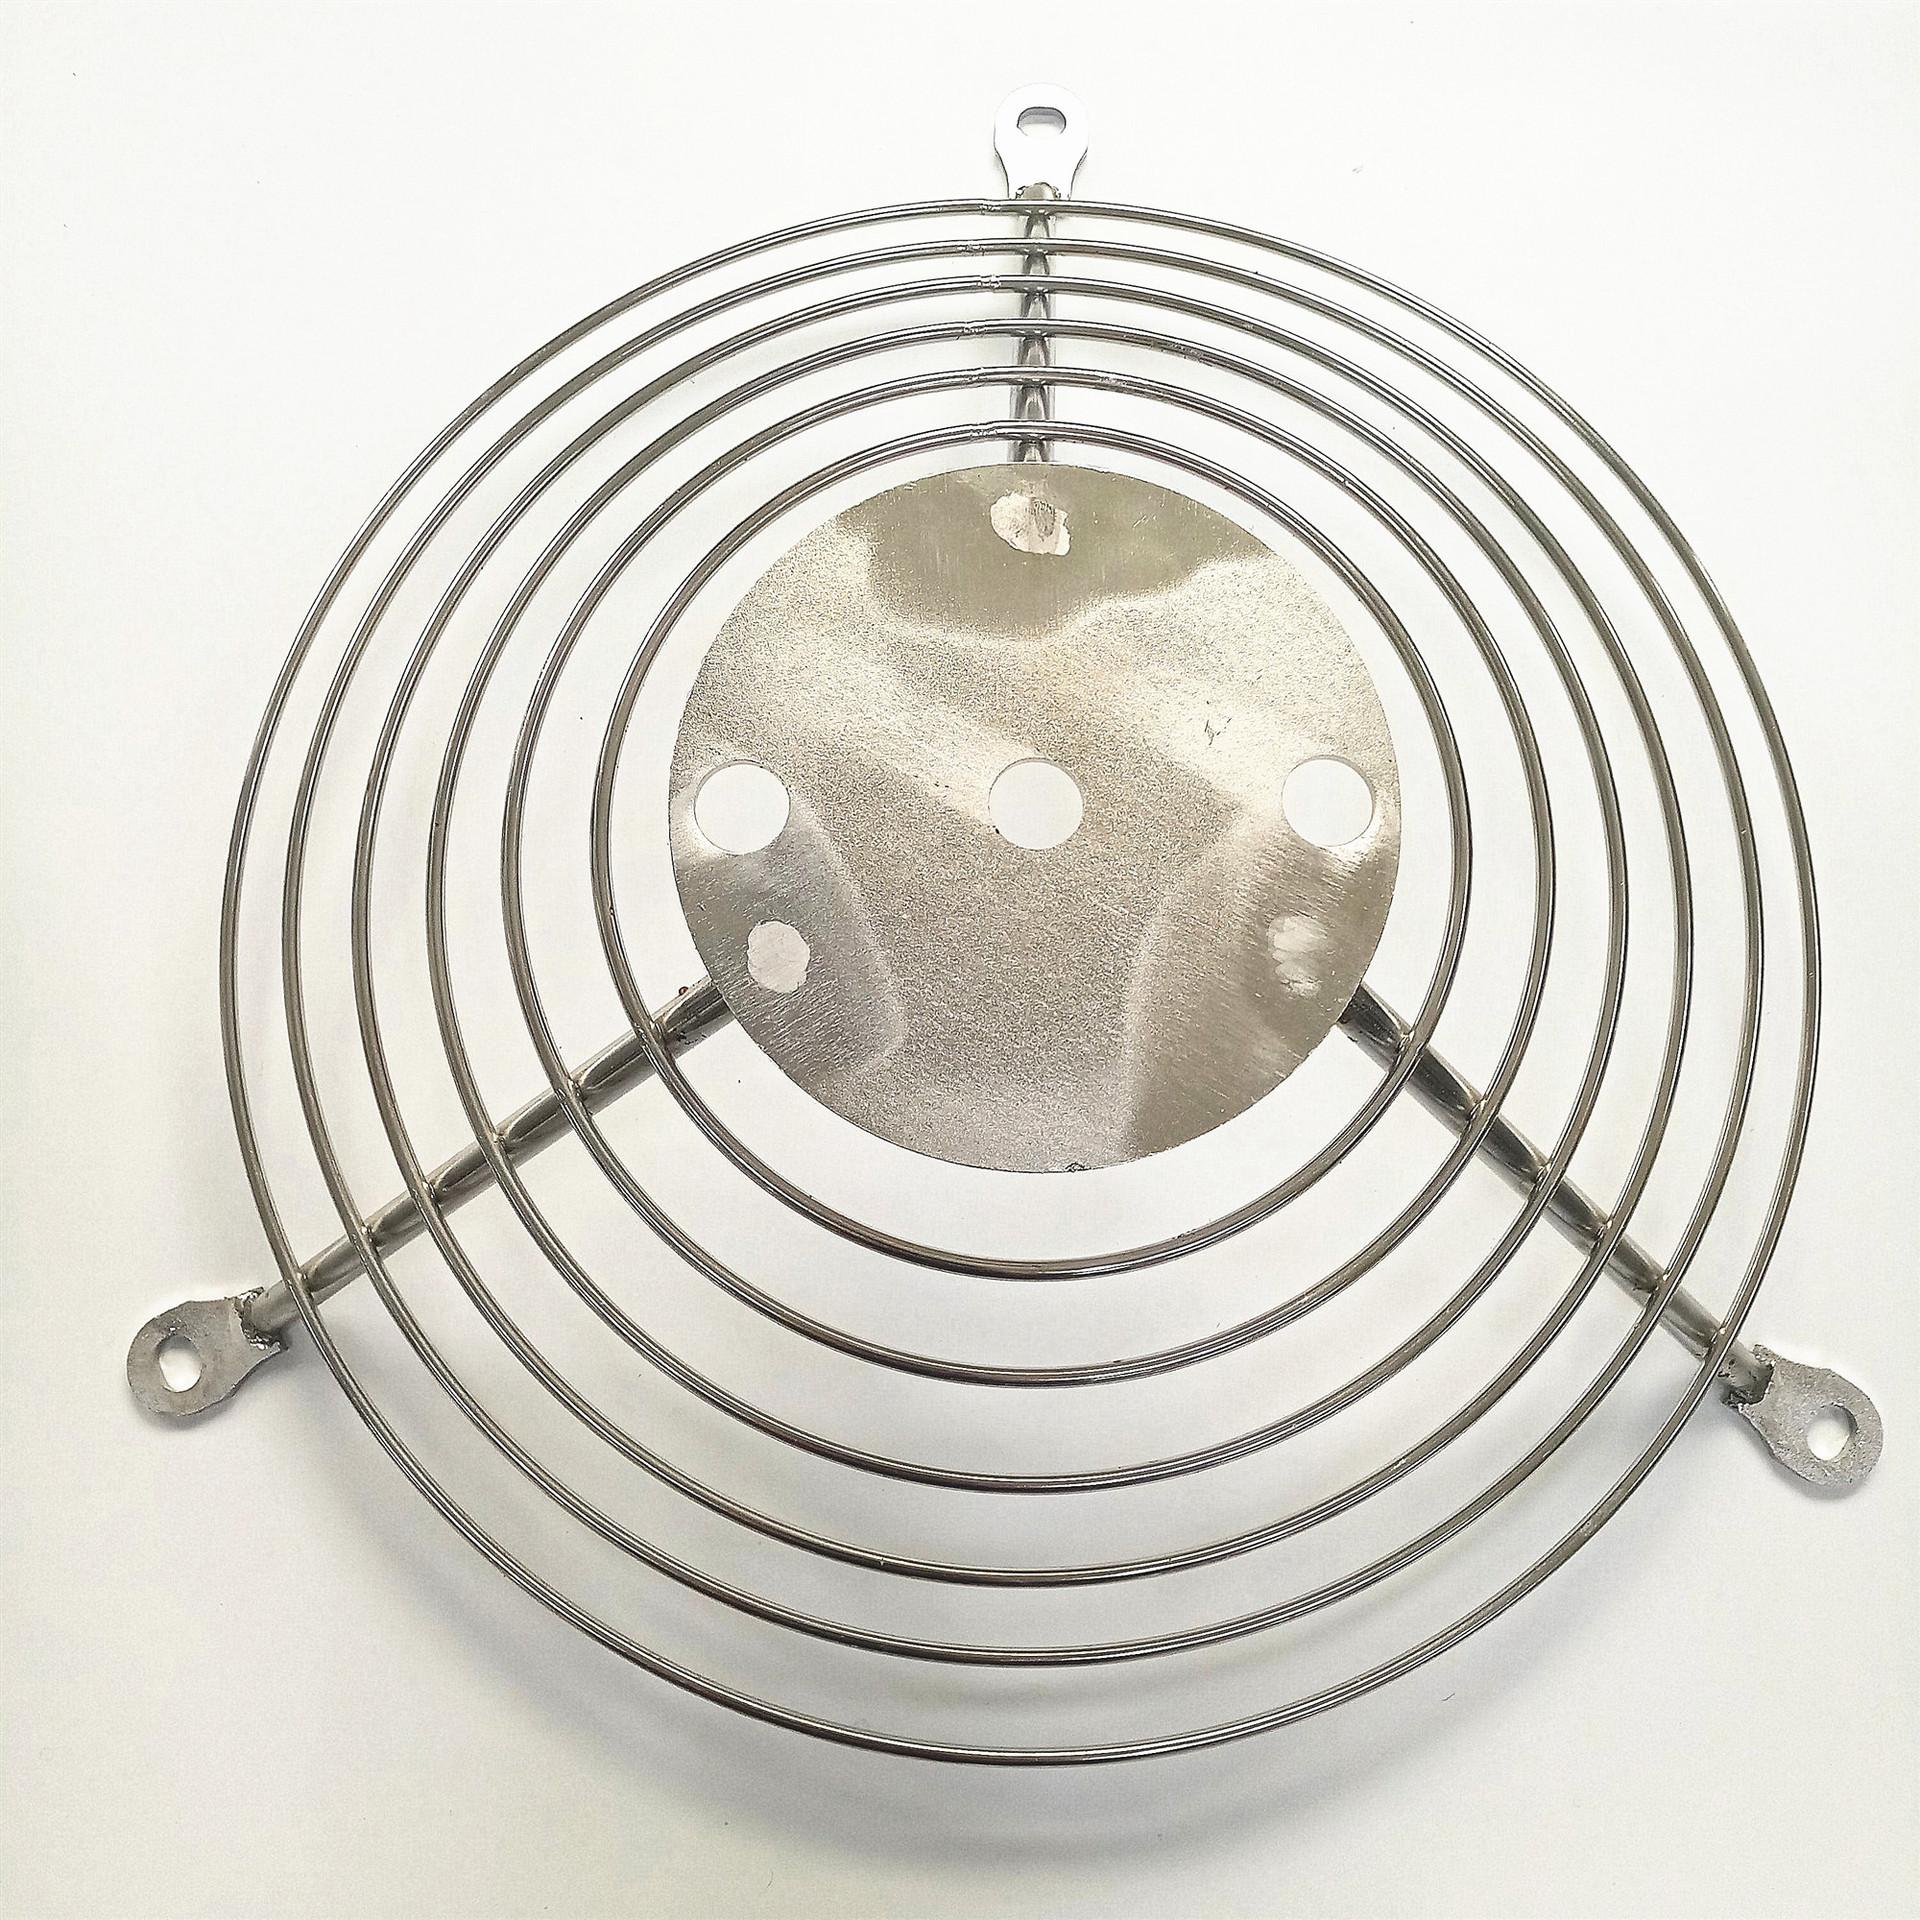 不锈钢风机罩_不锈钢风机罩_铭杰厂家销售各种防护罩 不锈钢风机罩80mm-200mm来 ...